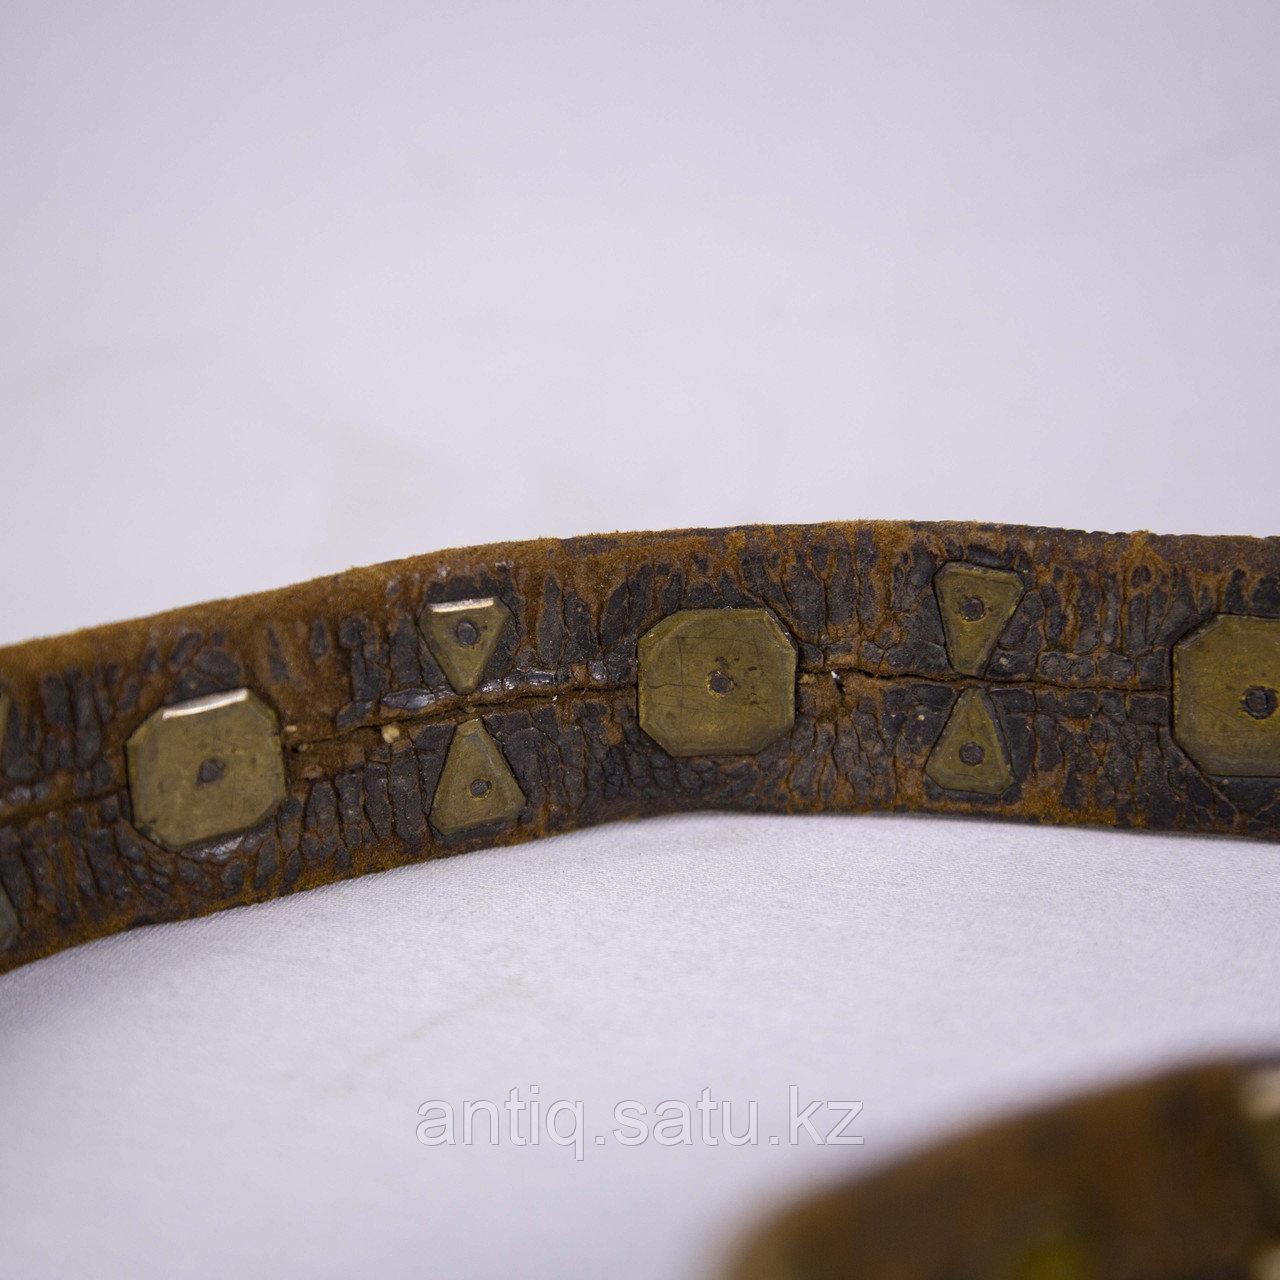 Кисе-белдик национальный Казахский охотничий пояс. Кожа, шитье, металл, ковка, серебро, насечка серебро - фото 6